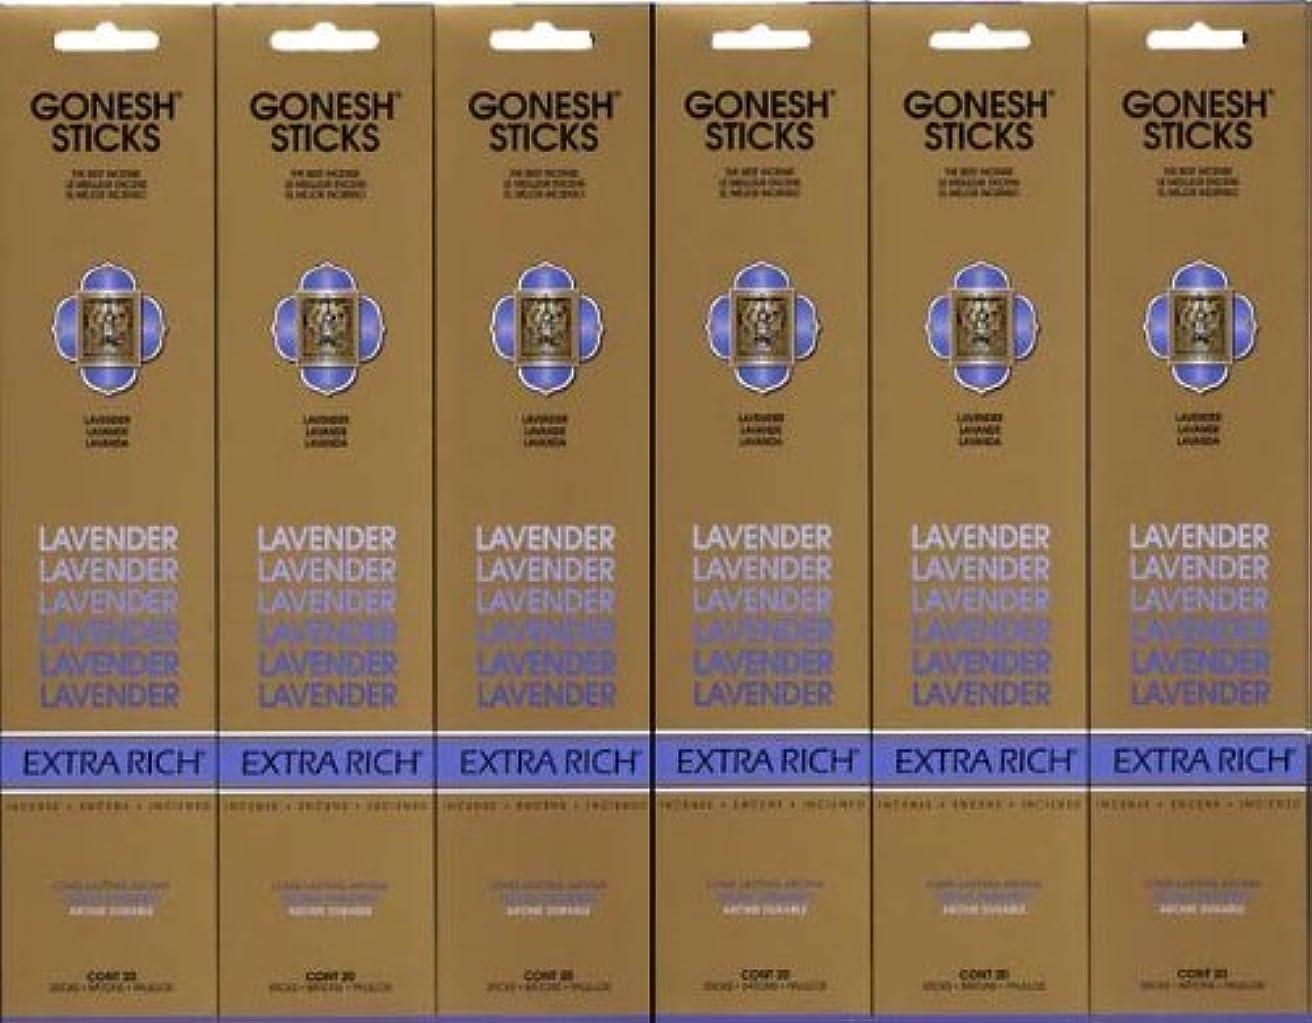 昆虫びん慣性GONESH LAVENDER ラベンダー スティック 20本入り X 6パック (120本)